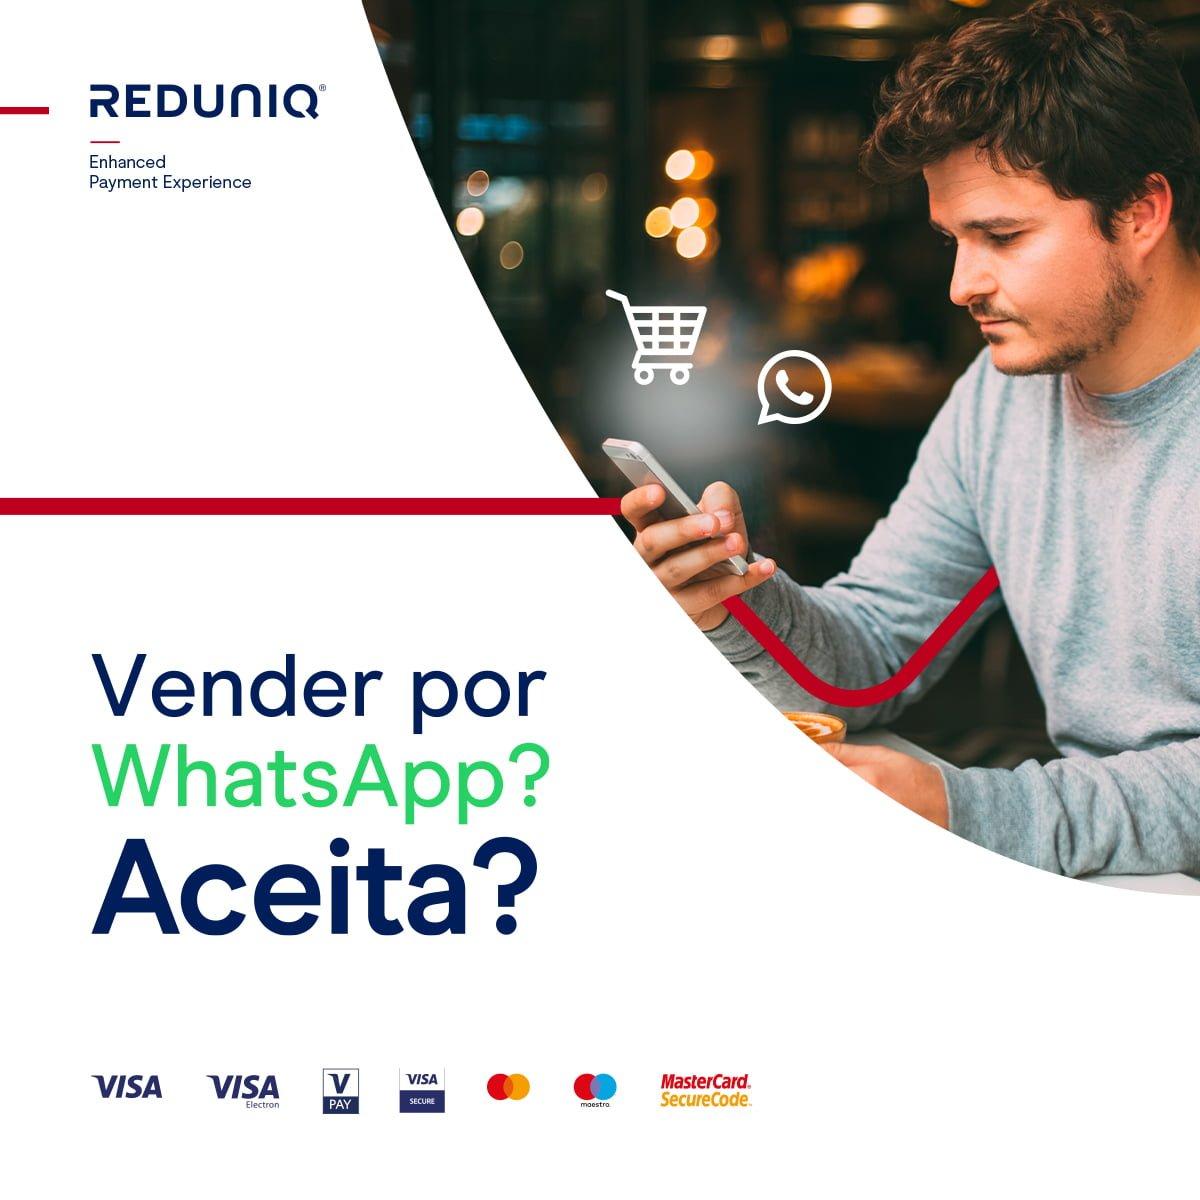 reduniq_whatsapp_2